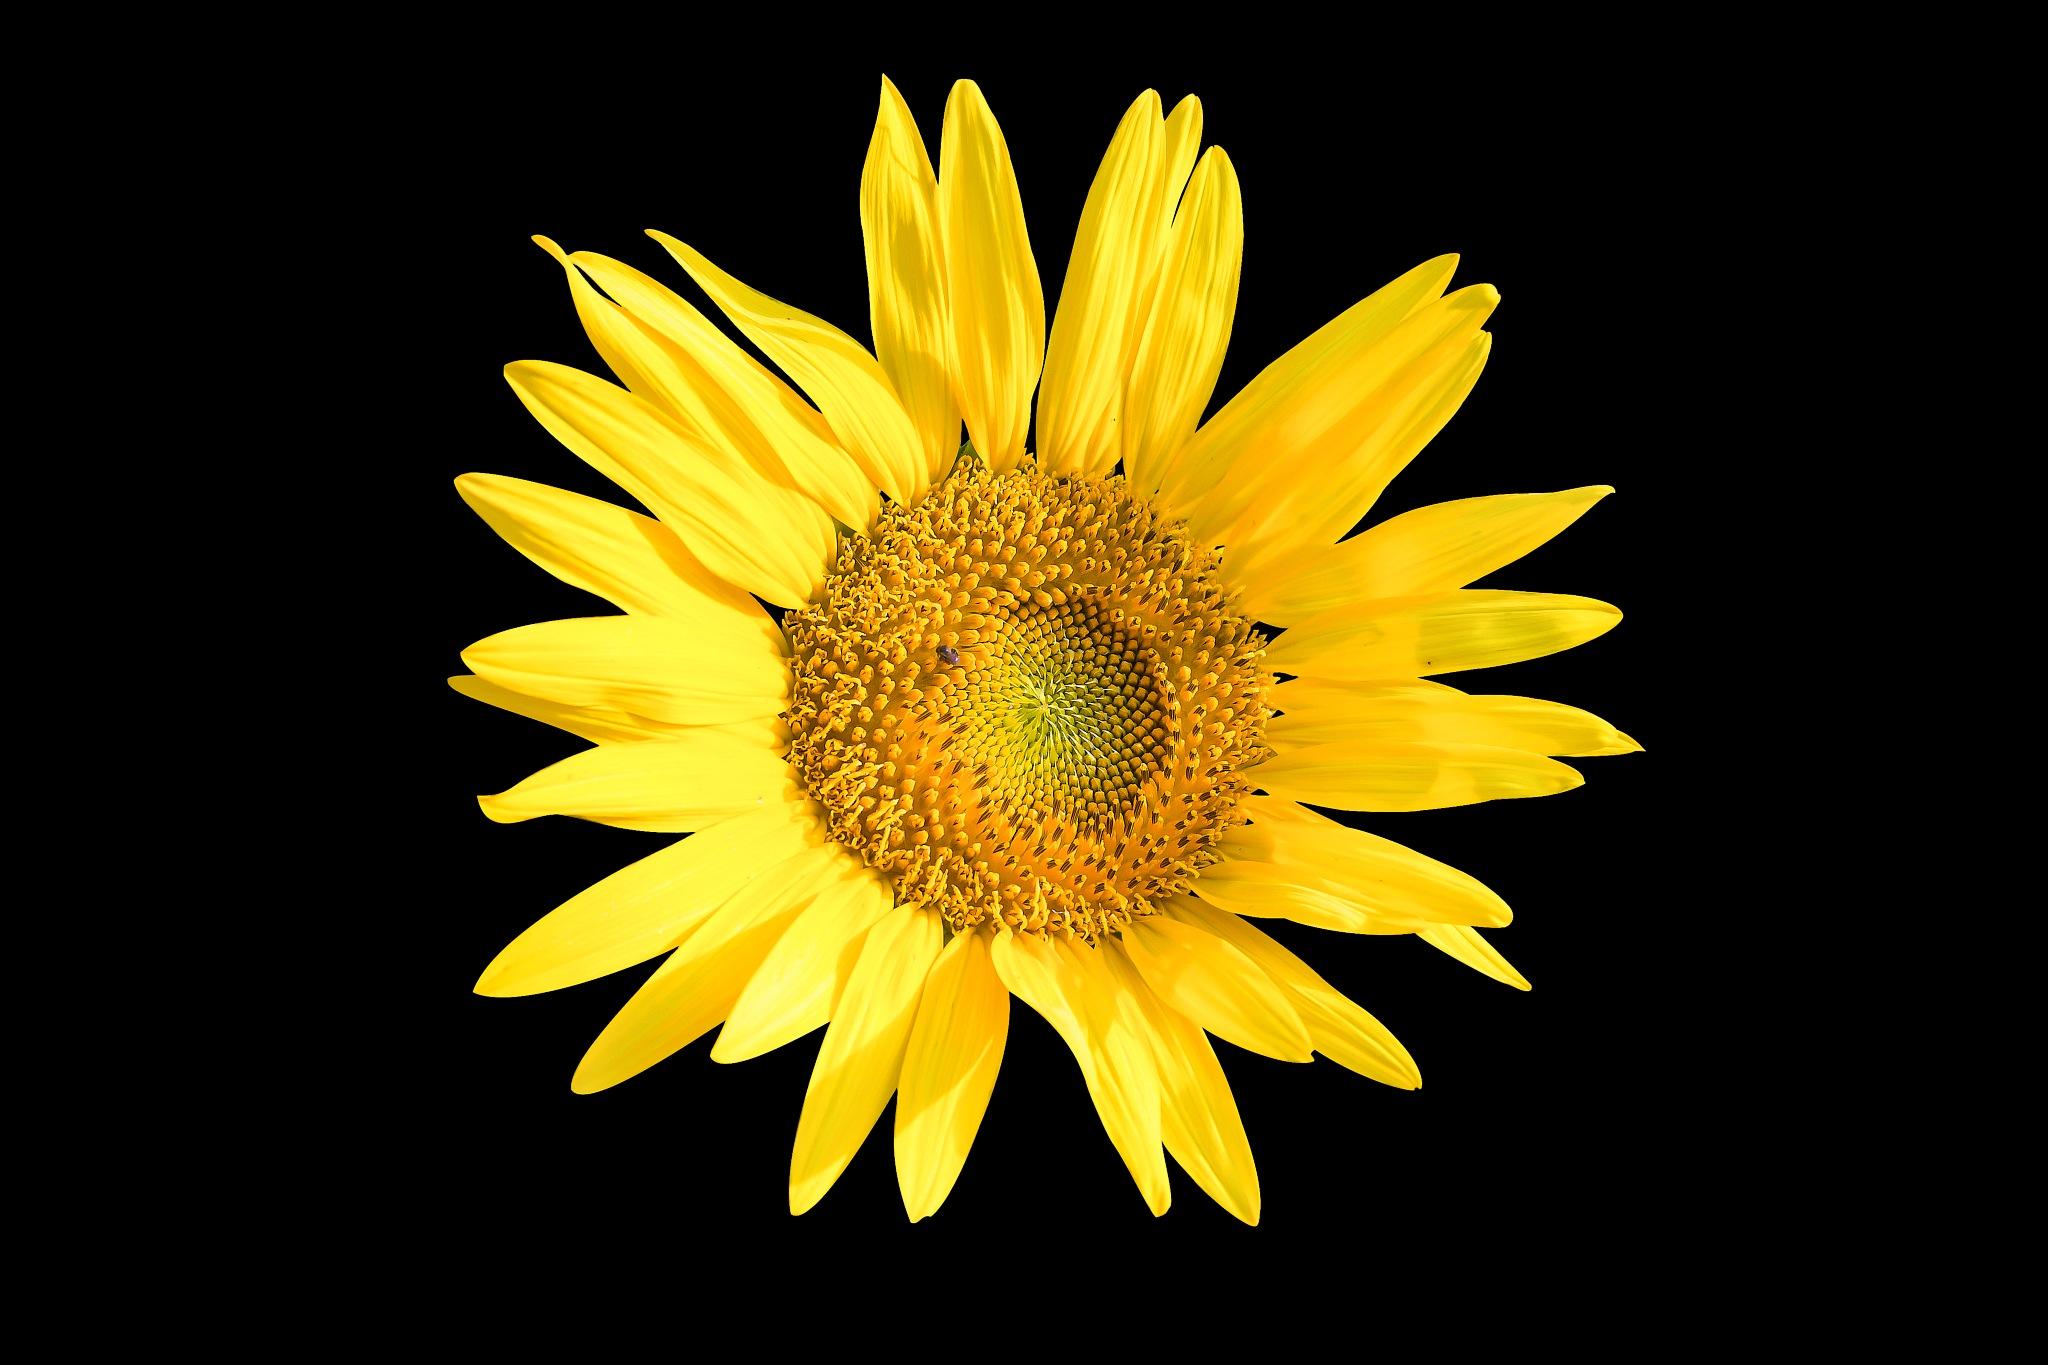 Sunflower On Black Background by Sumit